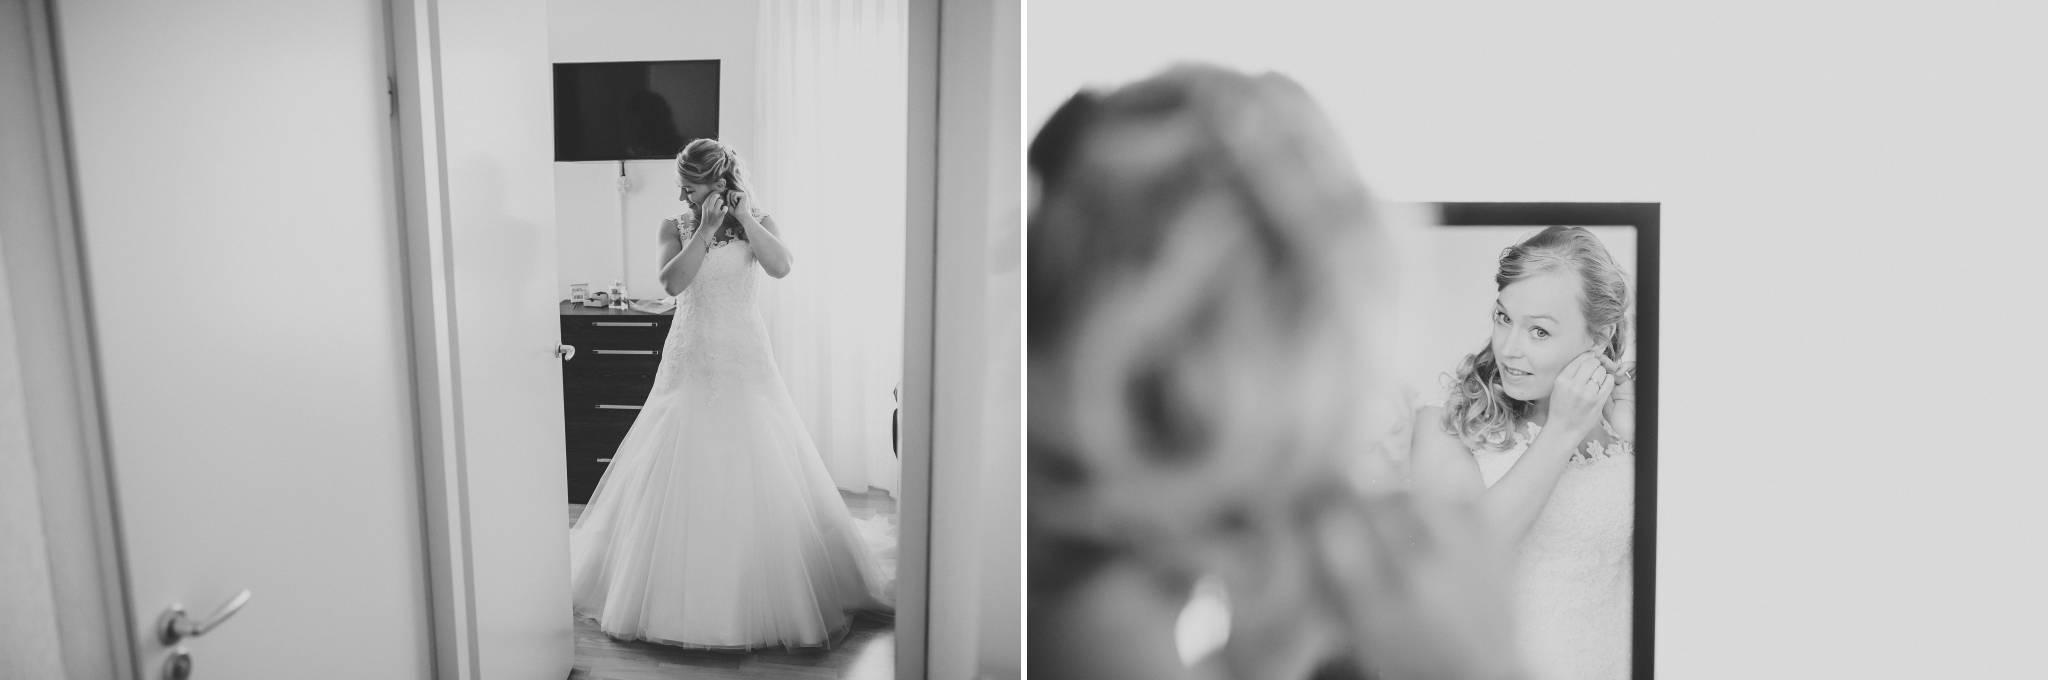 Bruidsfotograaf Oud Gastel 1